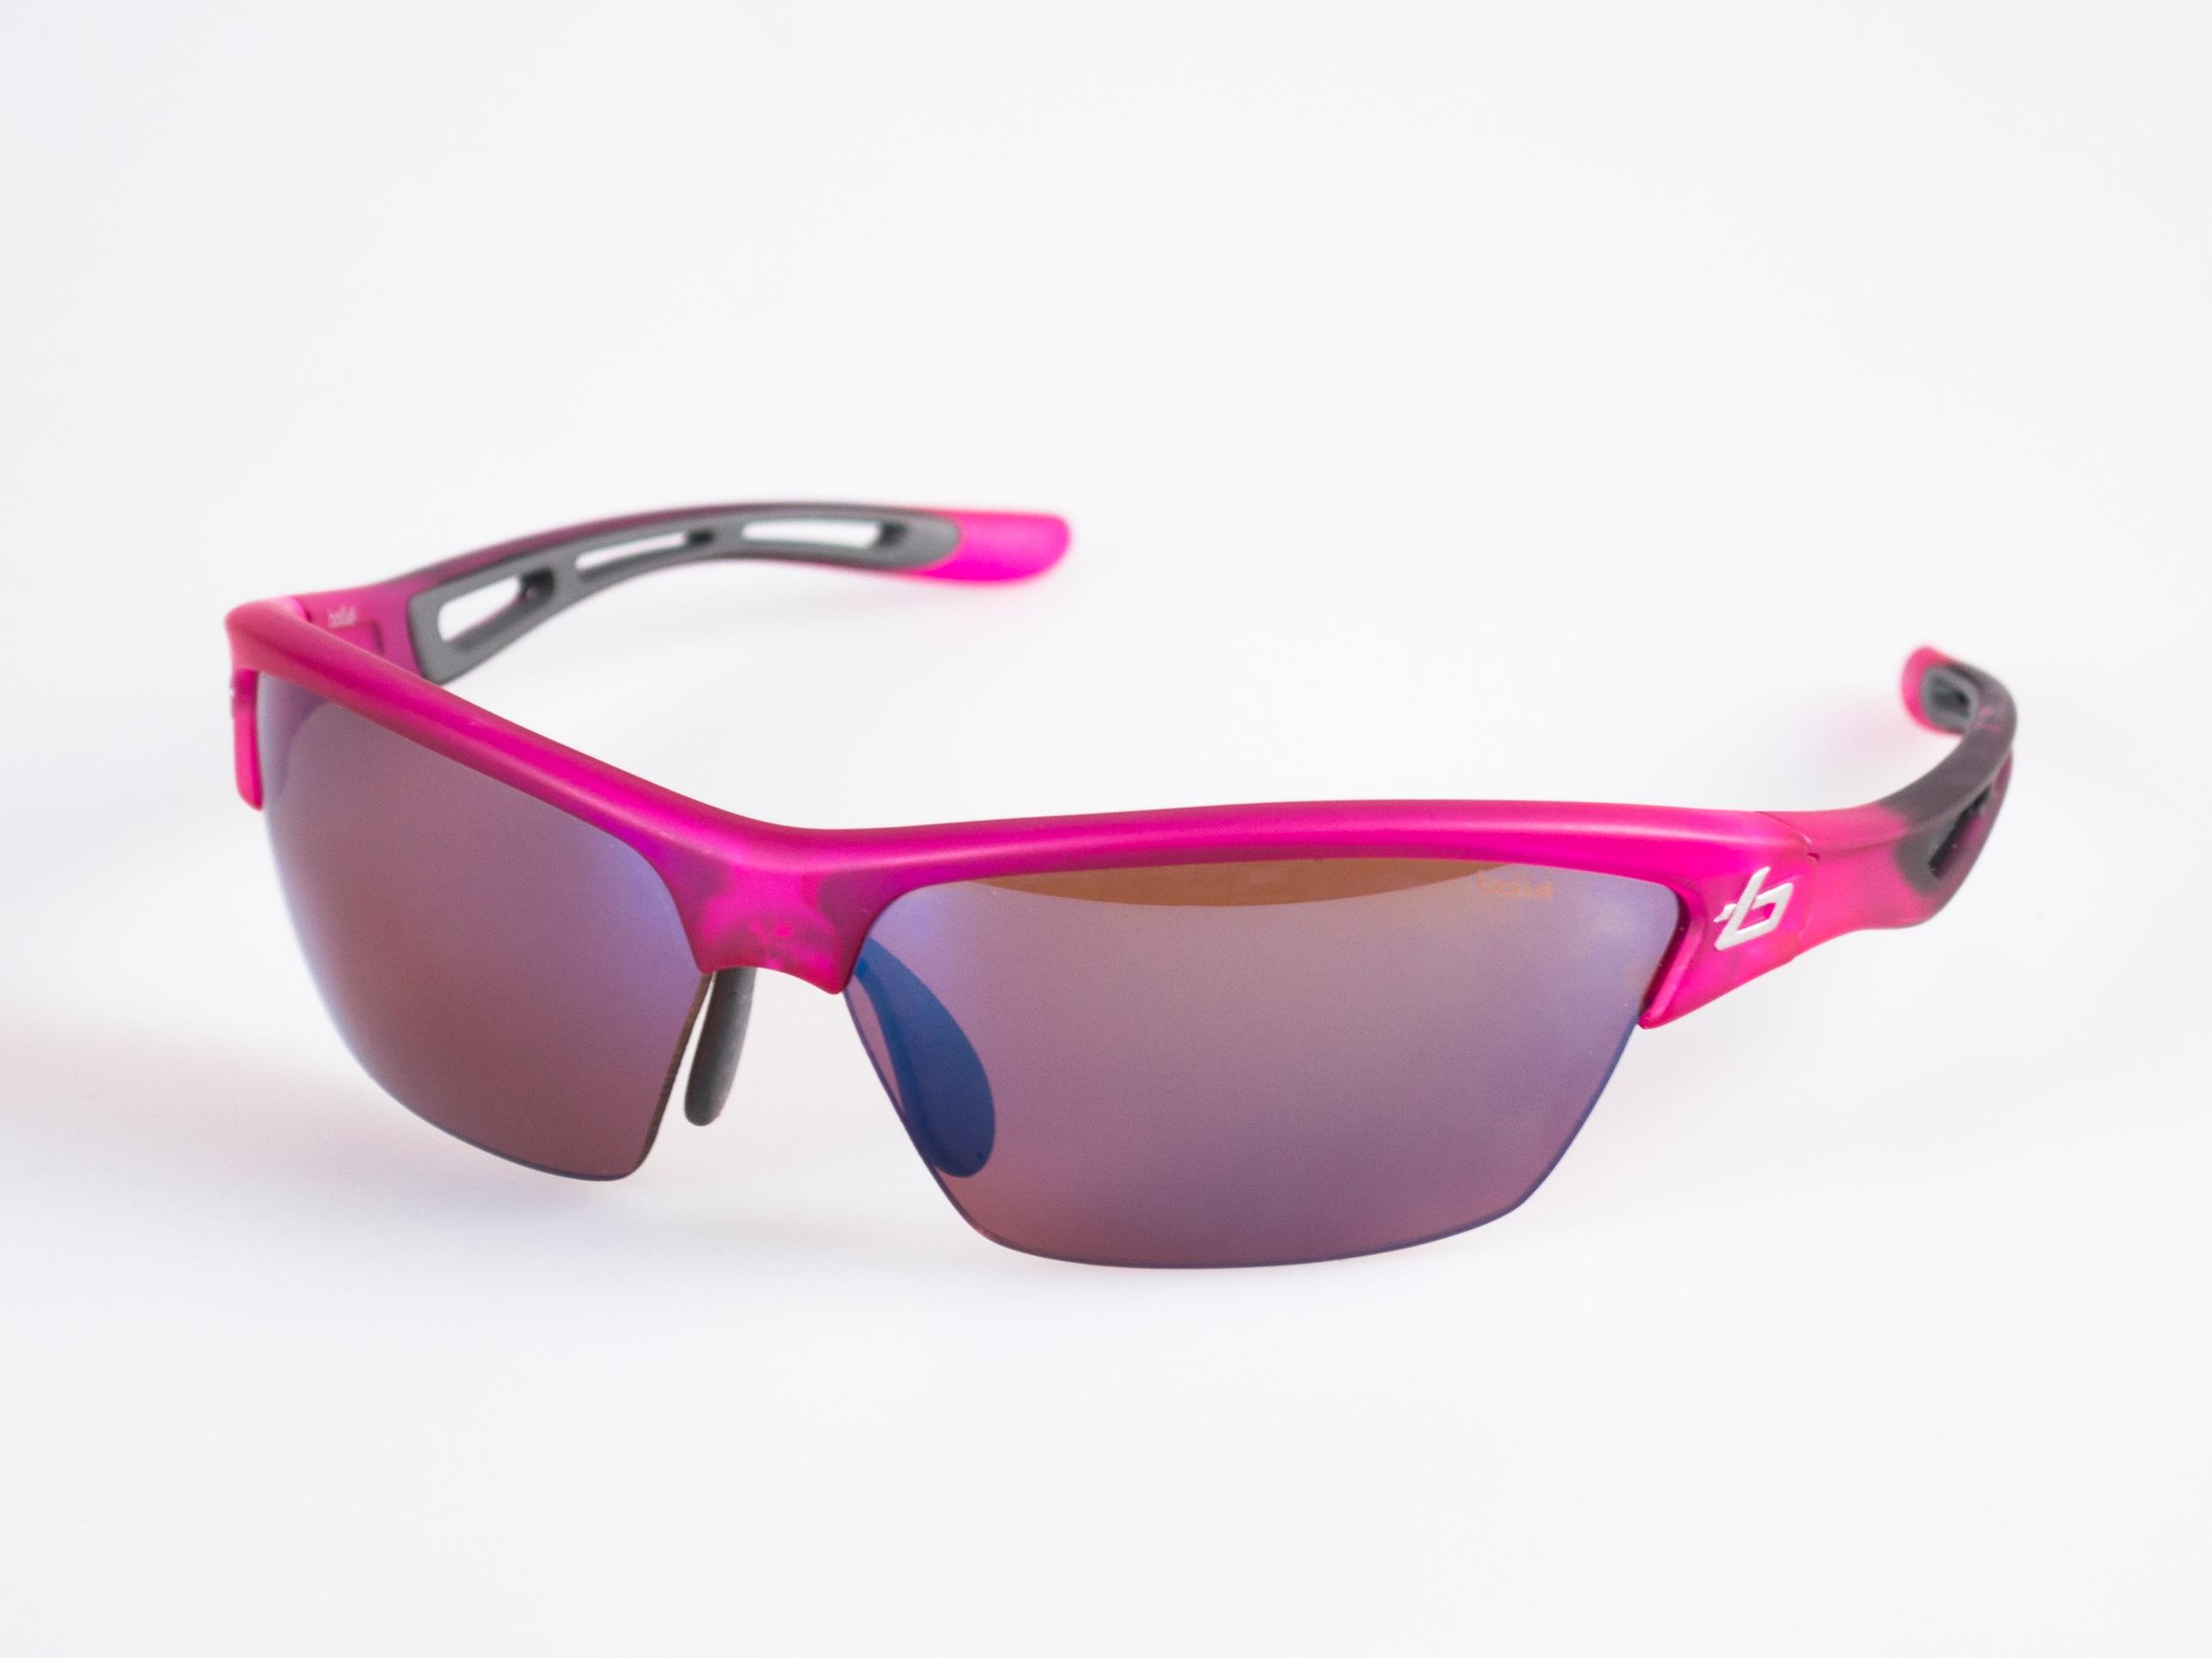 c144cbc1e3 ¿Por qué usar anteojos deportivos?